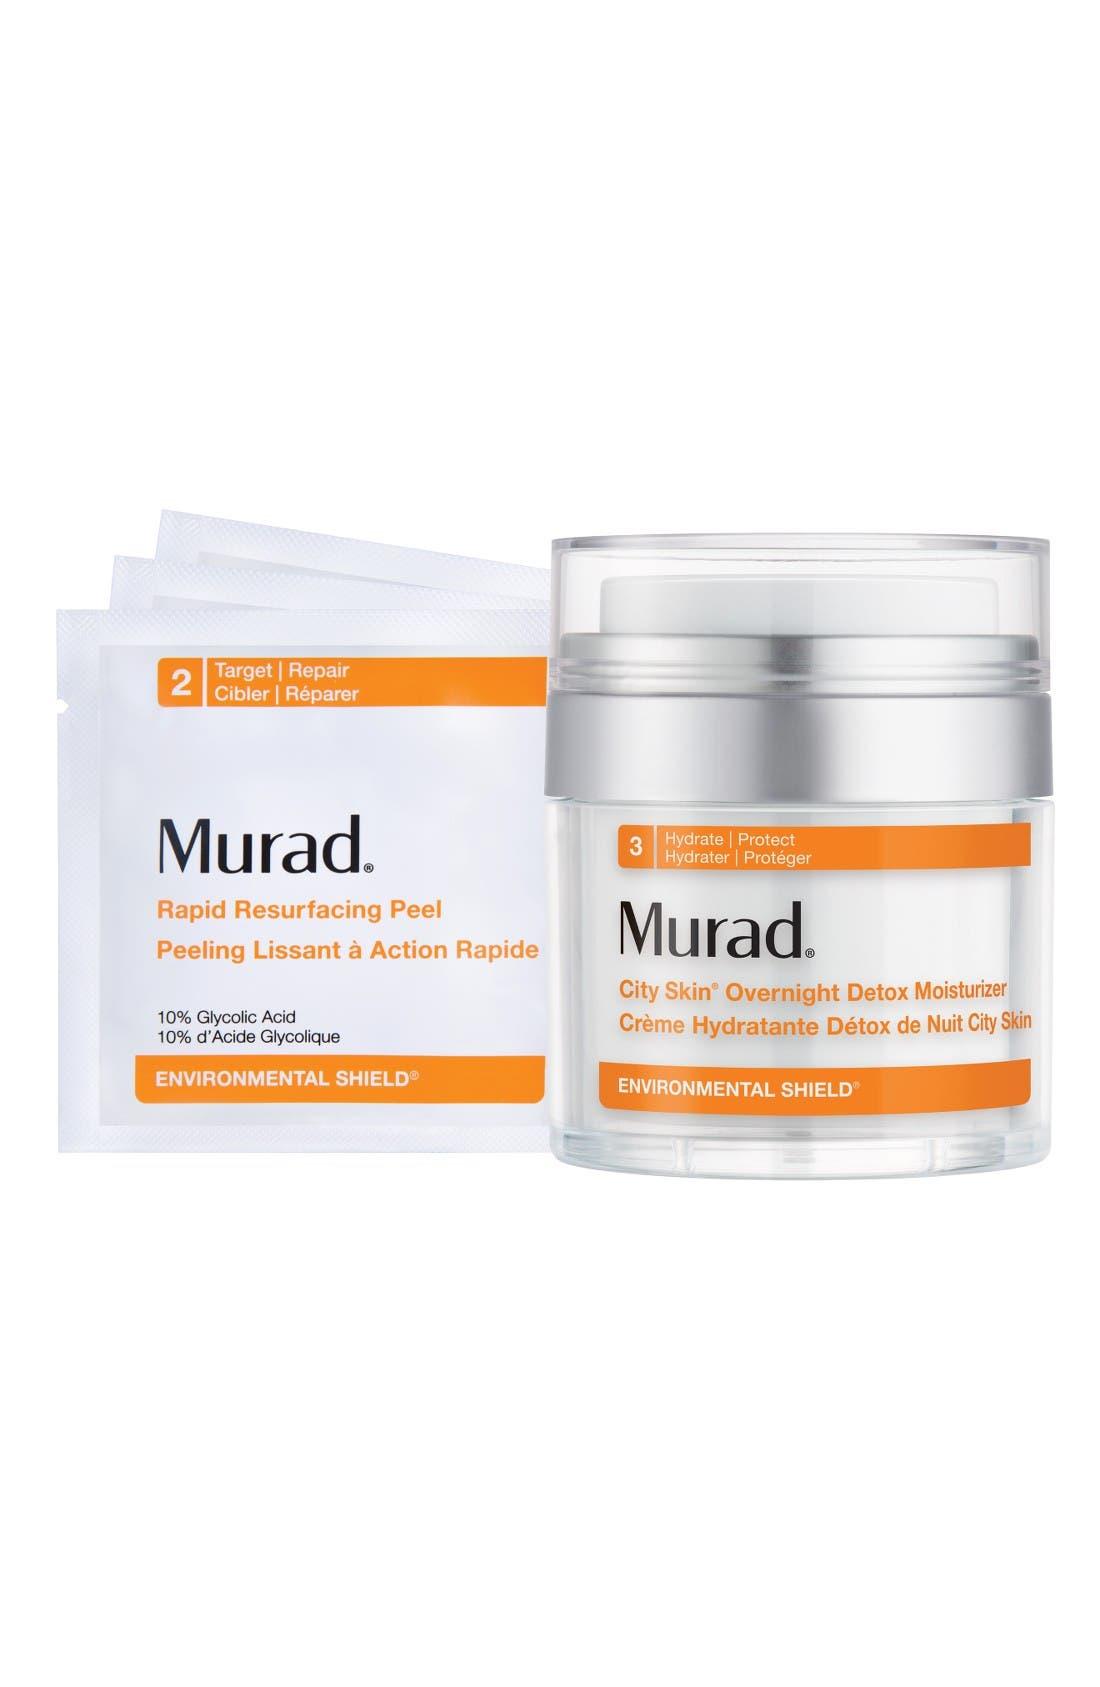 Murad® Ultimate Detox Duo